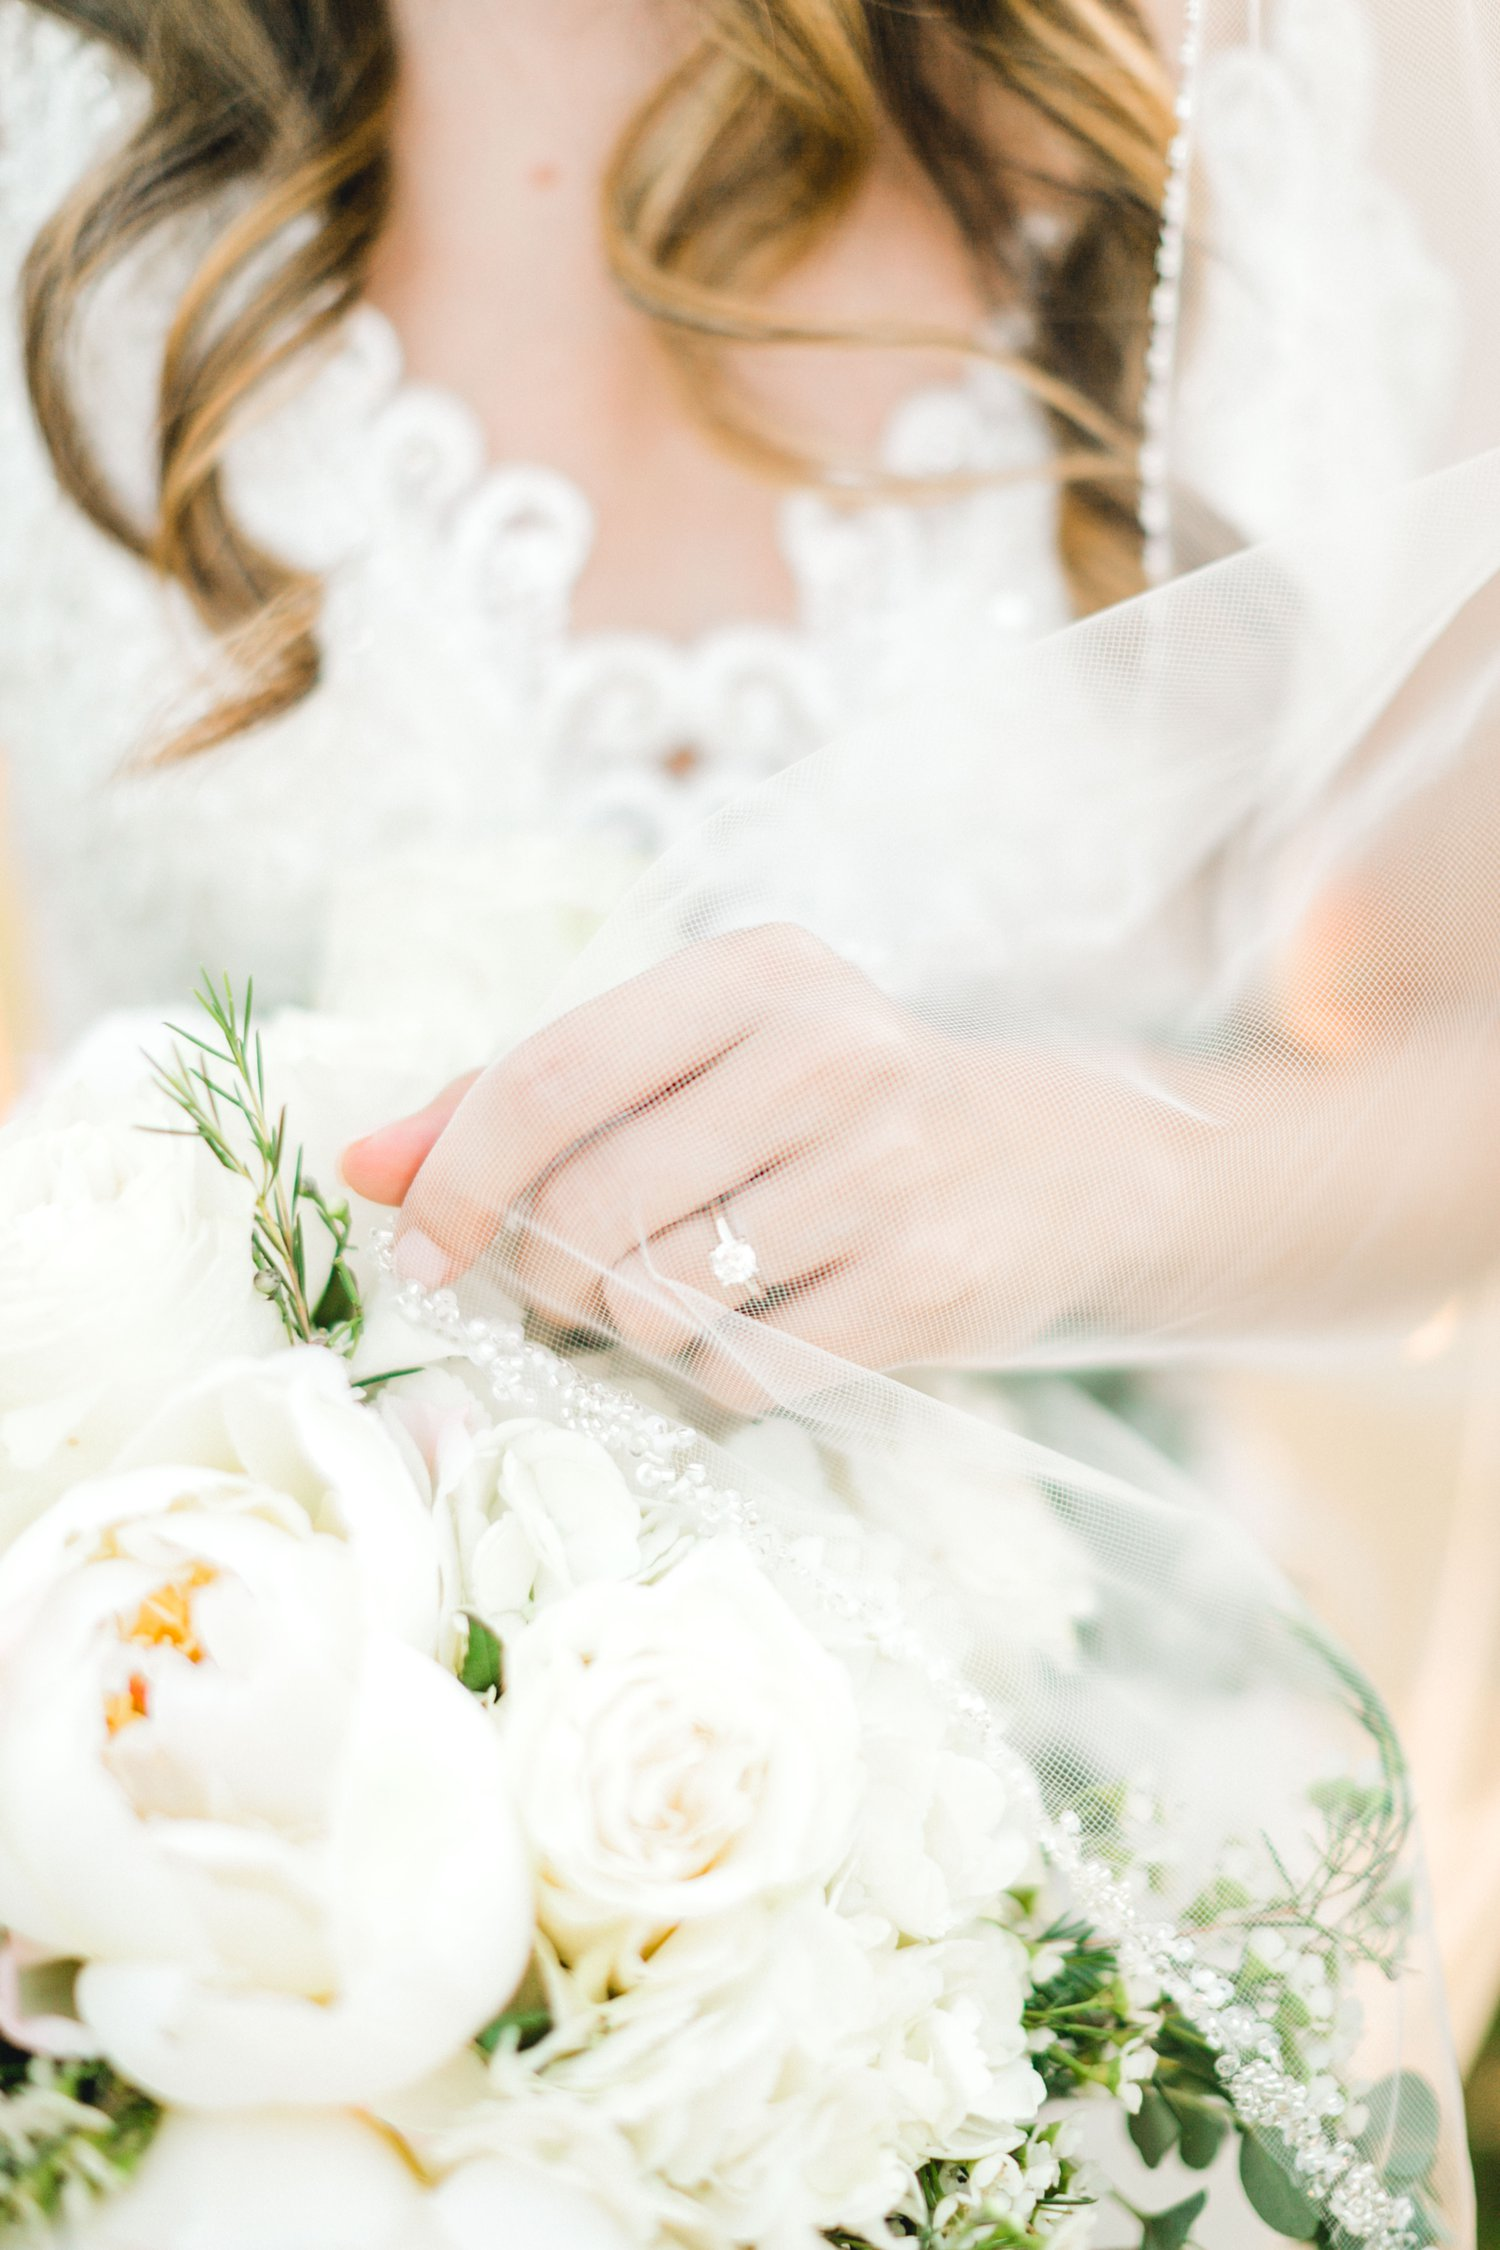 Ashley_Parr_Bridals_ALLEEJ_caprock_winery_romantic_elegant0022.jpg